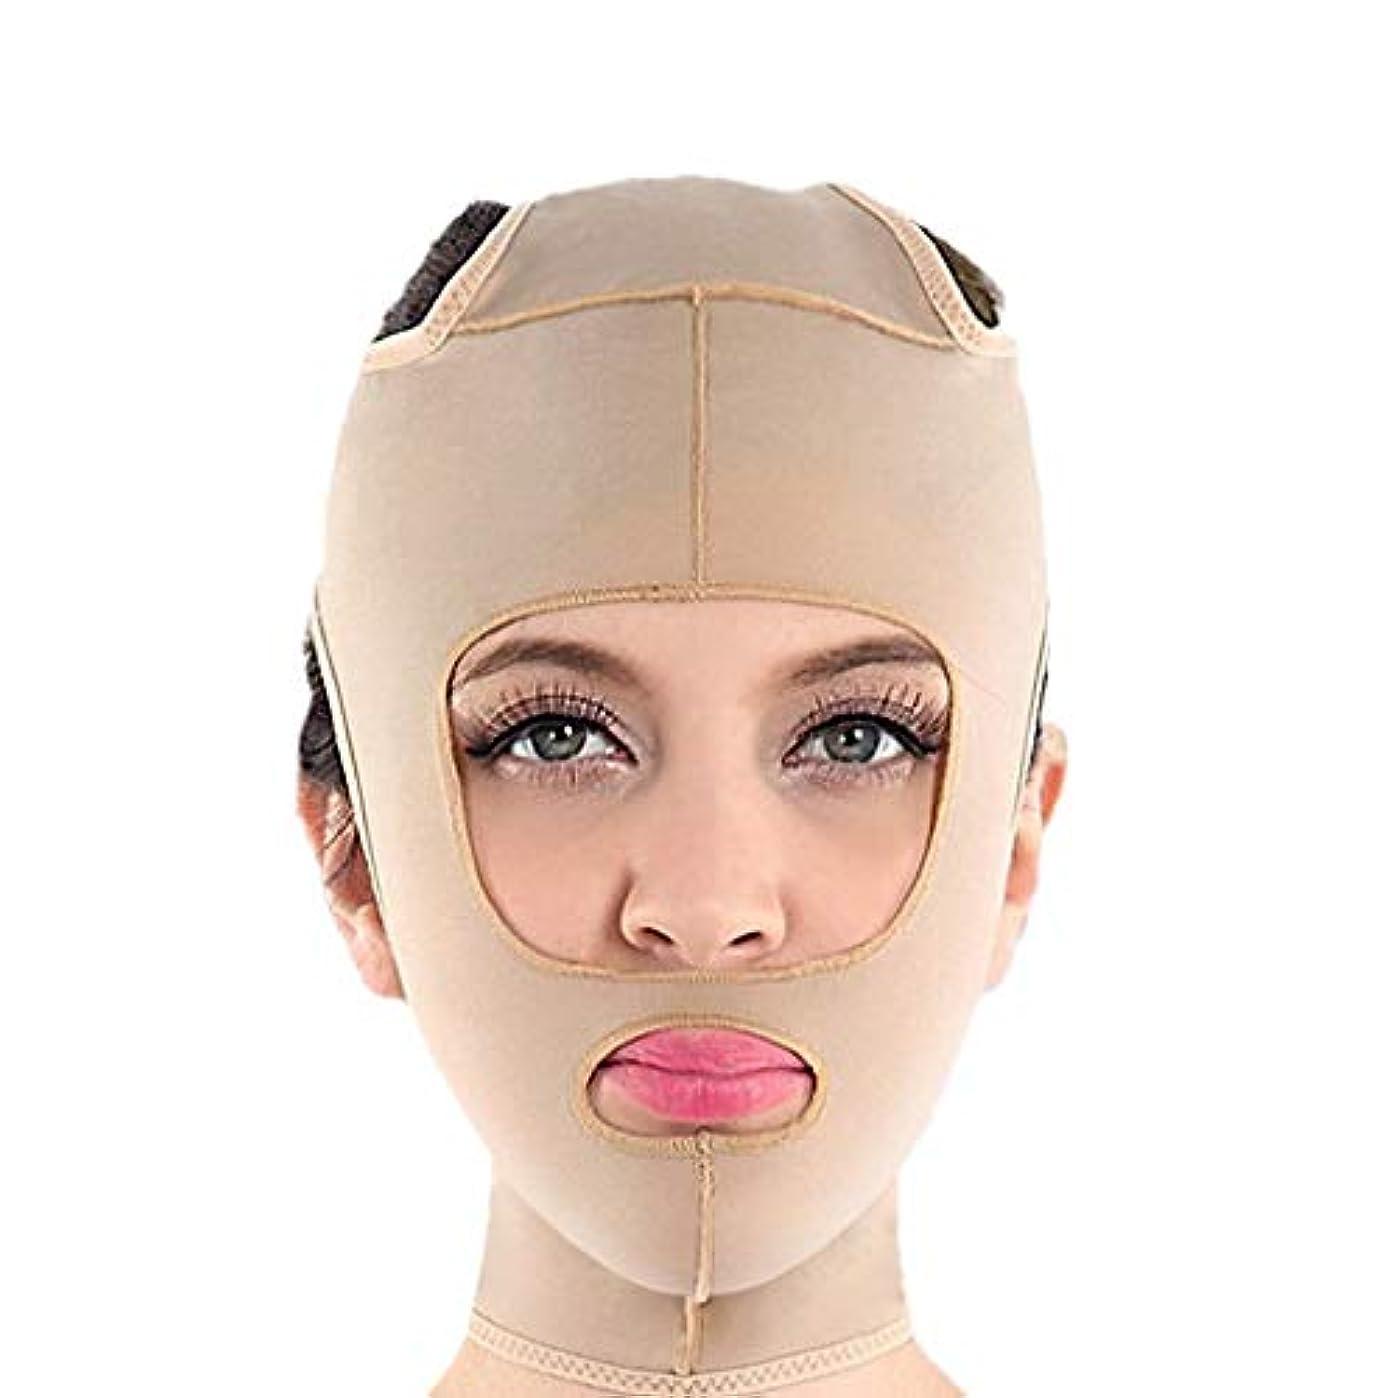 訴える担当者地殻フェイスリフティング、ダブルチンストラップ、フェイシャル減量マスク、ダブルチンを減らすリフティングヌードル、ファーミングフェイス、パワフルリフティングマスク(サイズ:M),M